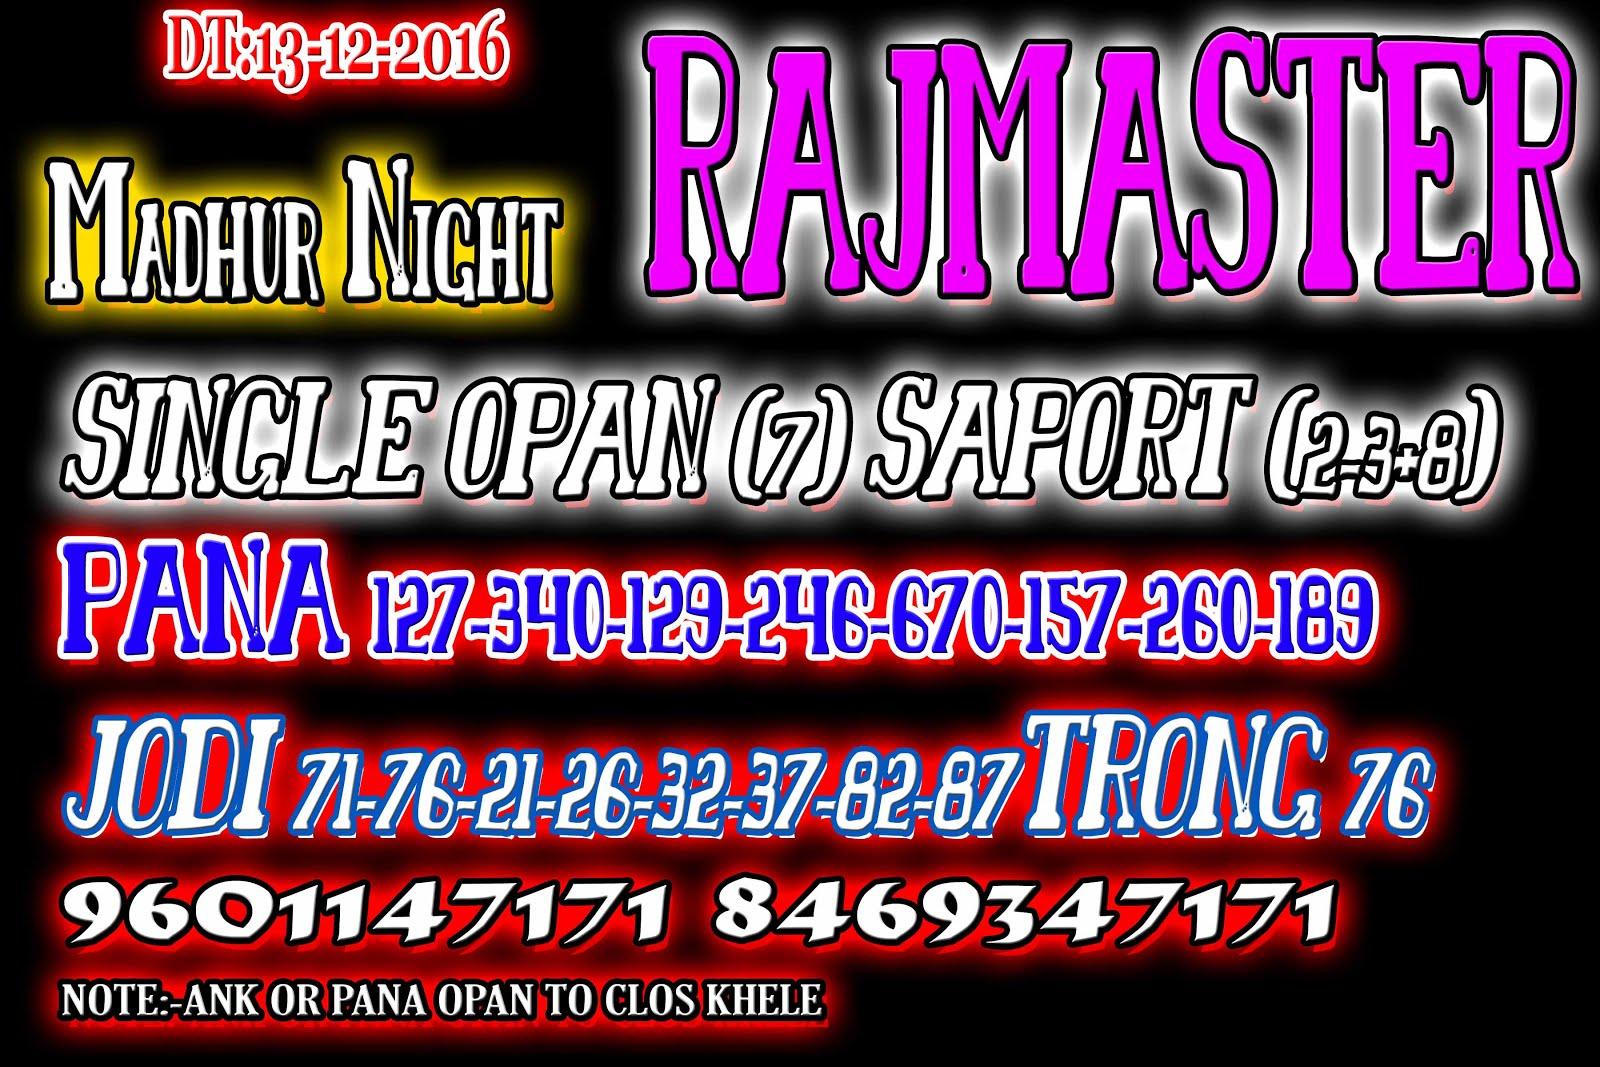 SattamatkaWatsapp com: Milan night rajdhani night madhur